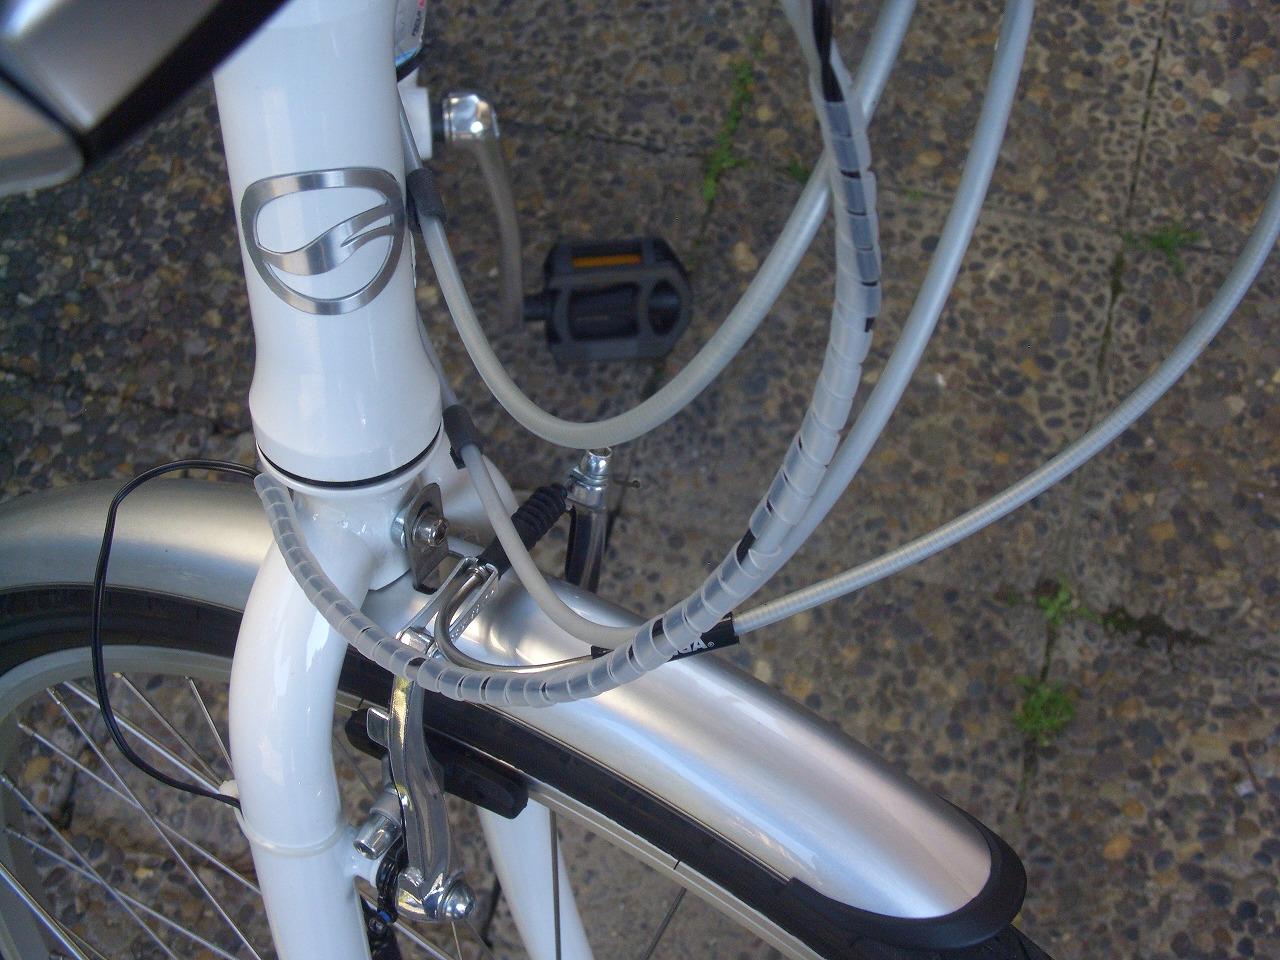 自転車の 自転車 ハンドル 交換 値段 : ... 日和 車中泊の準備と自転車